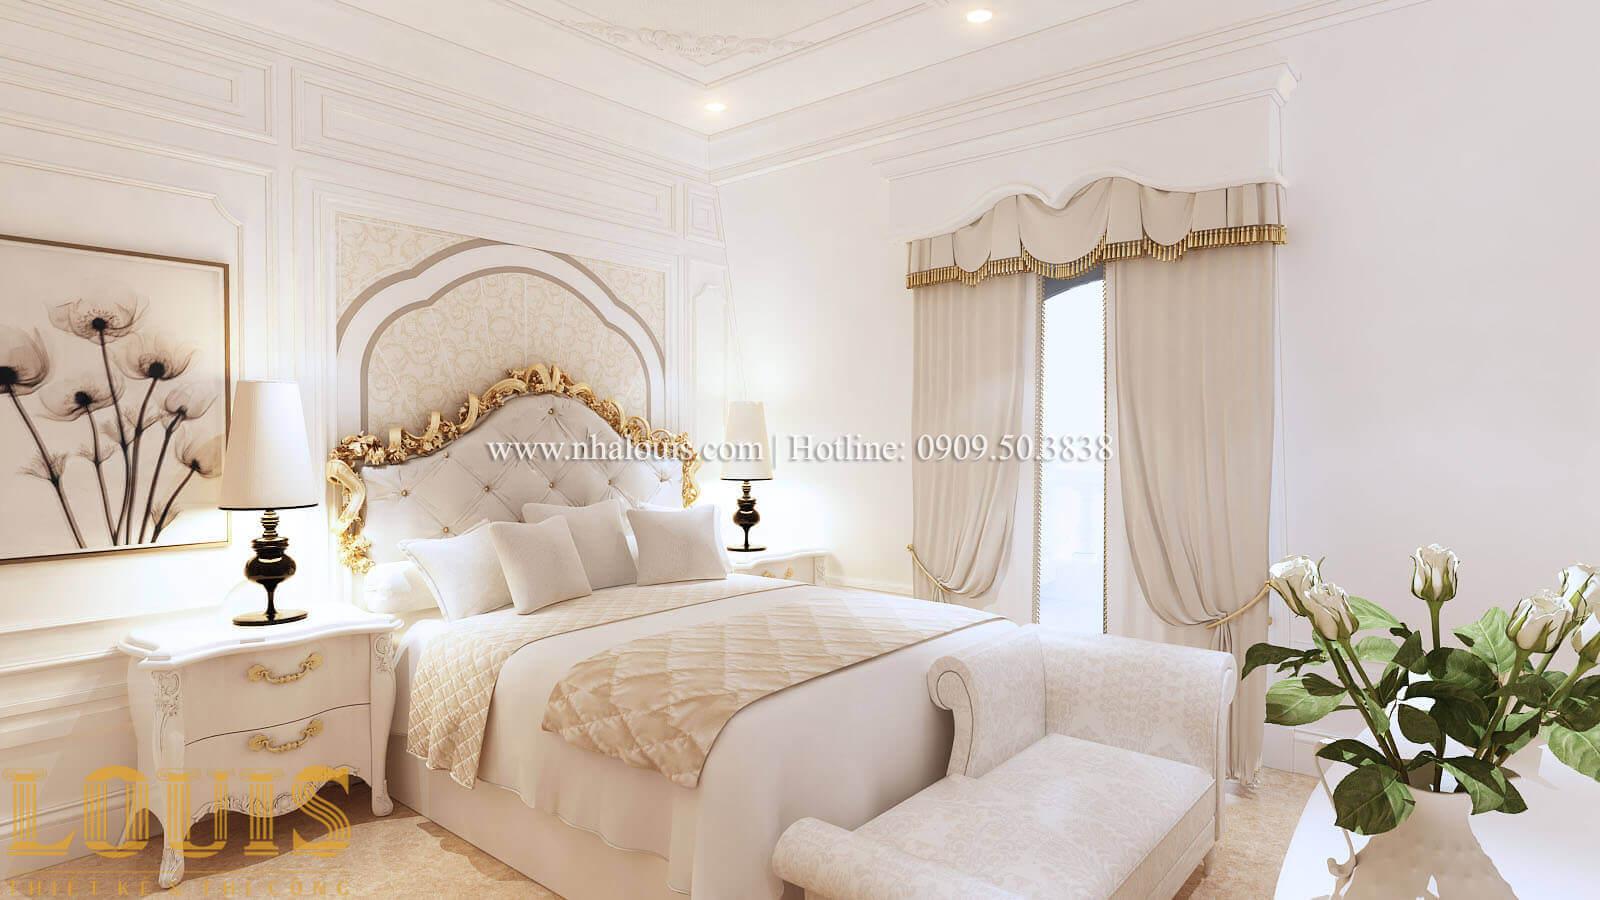 Biệt thự 5 tầng tân cổ điển đậm chất quý tộc tại Khánh Hòa